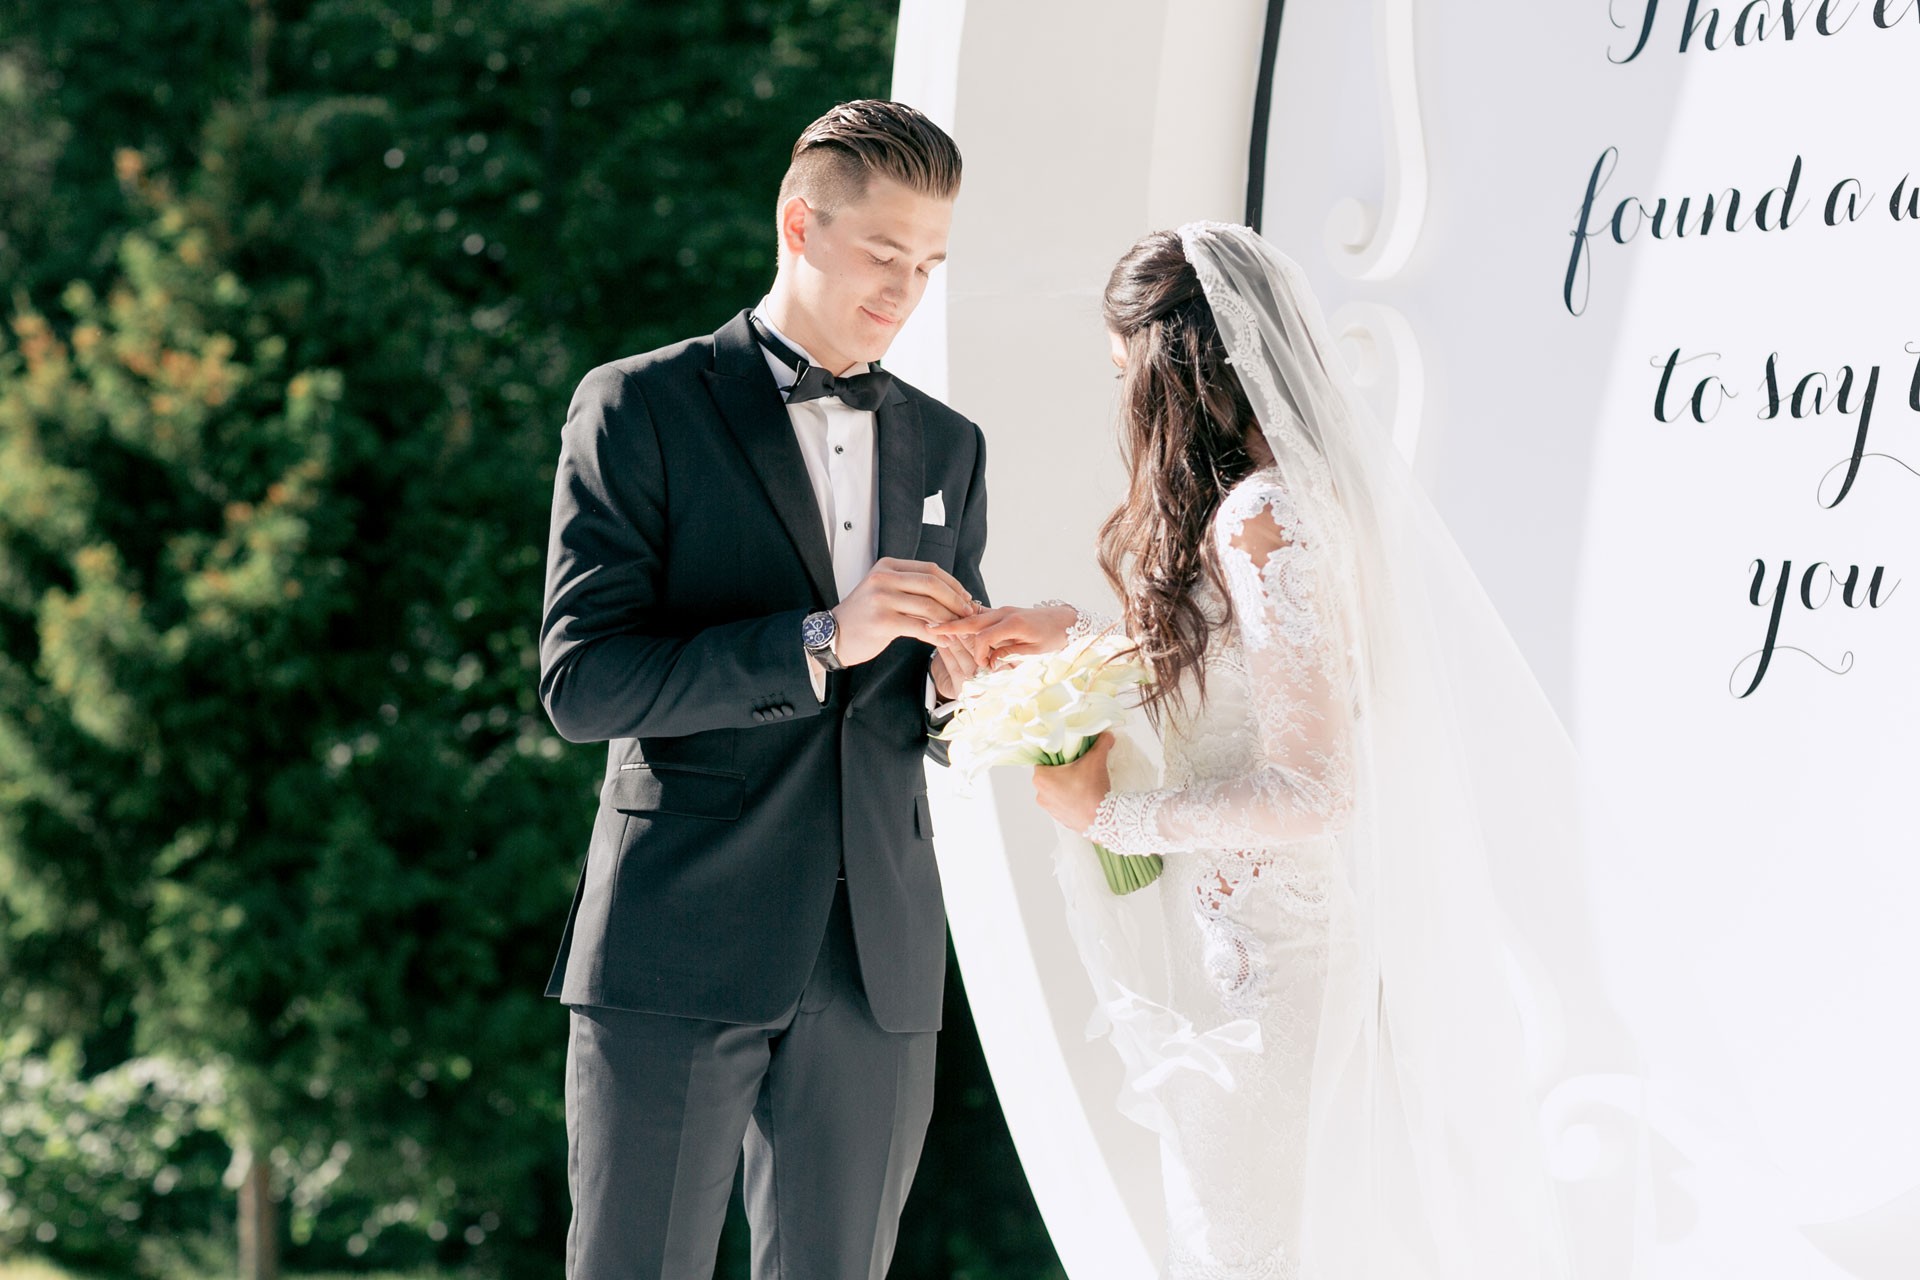 Хоккей и мода. Свадьба Никиты и Александры фото 30